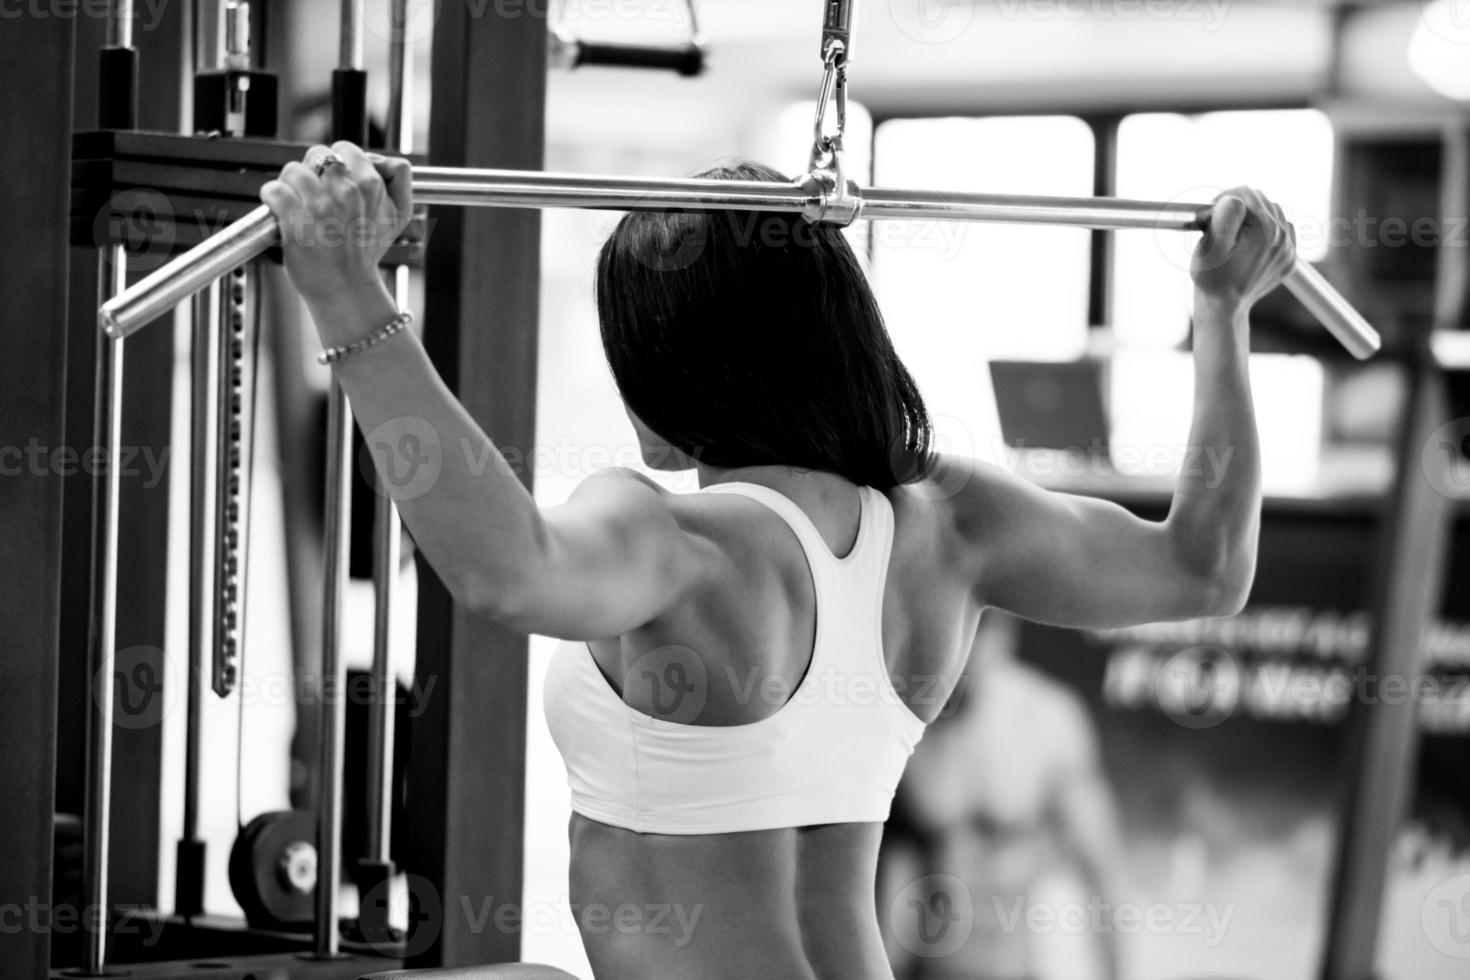 vrouwen in de sportschool foto